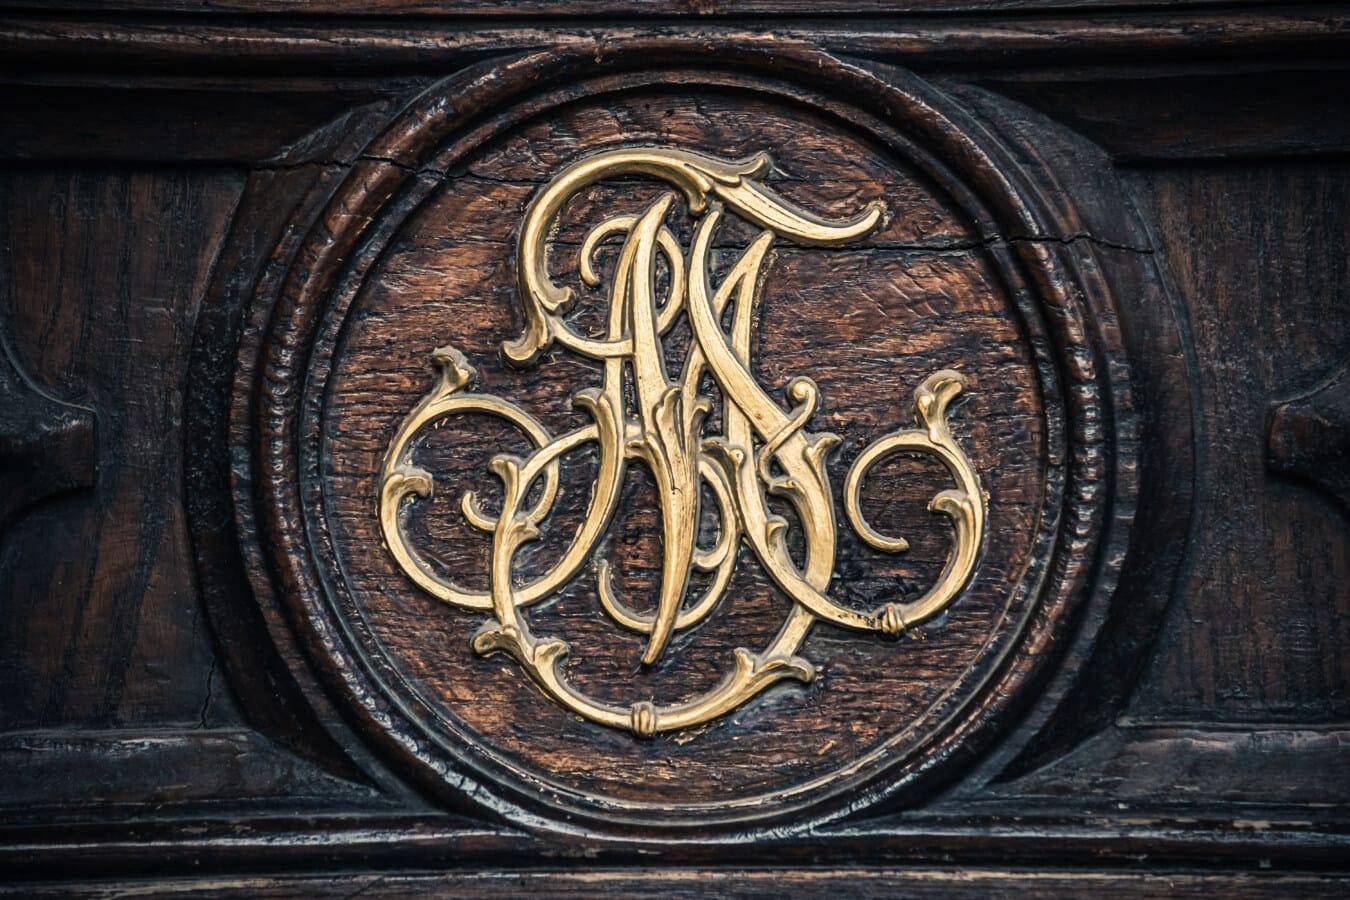 esculturas em, painel de, de madeira, feito à mão, brilho dourado, decoração, exclusivo, carpintaria, símbolo, velho